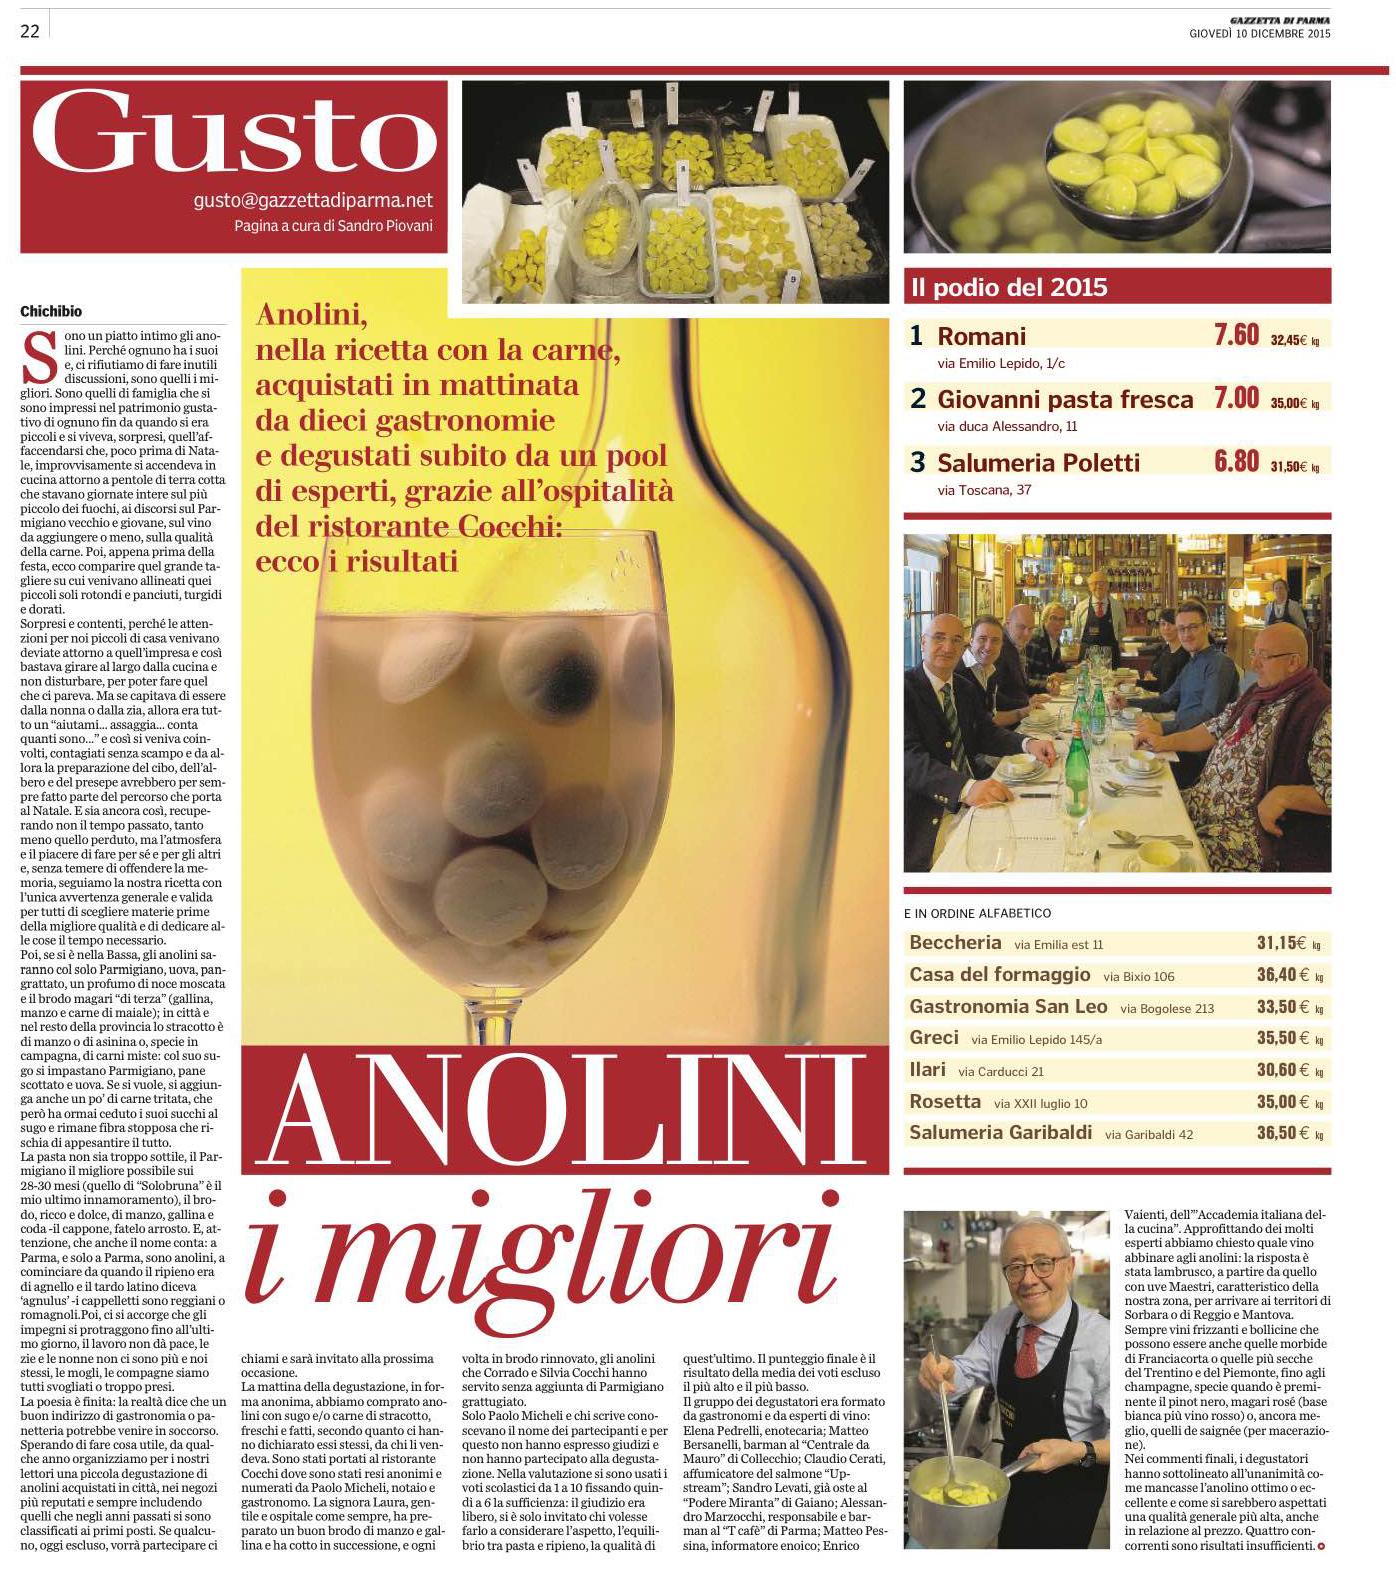 I migliori anolini di Parma